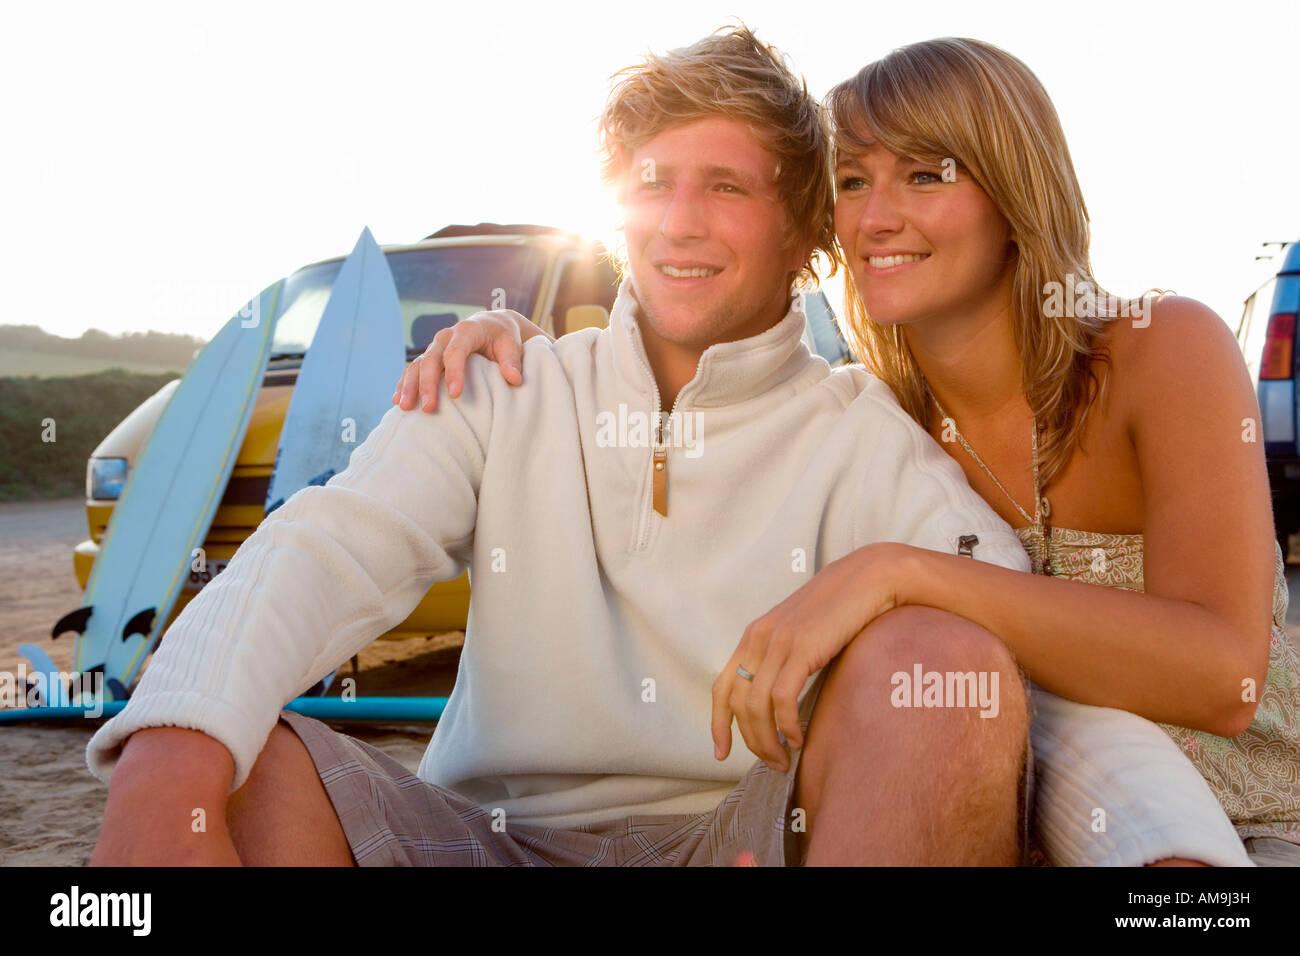 Paar am Strand lächelnd mit van und Surfbretter im Hintergrund sitzt. Stockbild